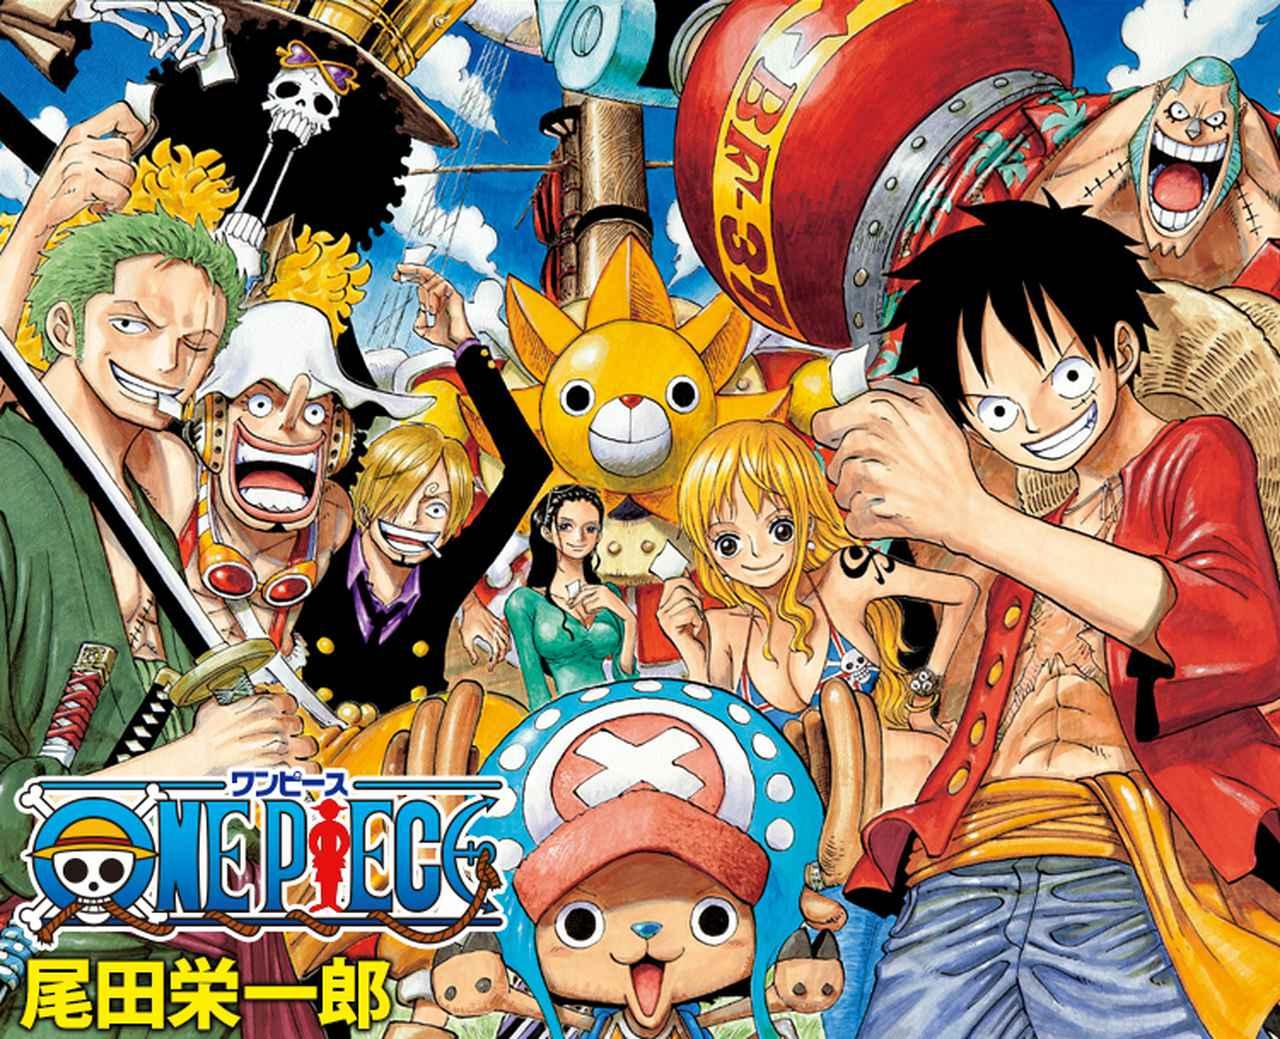 画像: 尾田栄一郎さんの人気マンガ「ONEPIECE」に登場する麦わらの一味 www.shonenjump.com